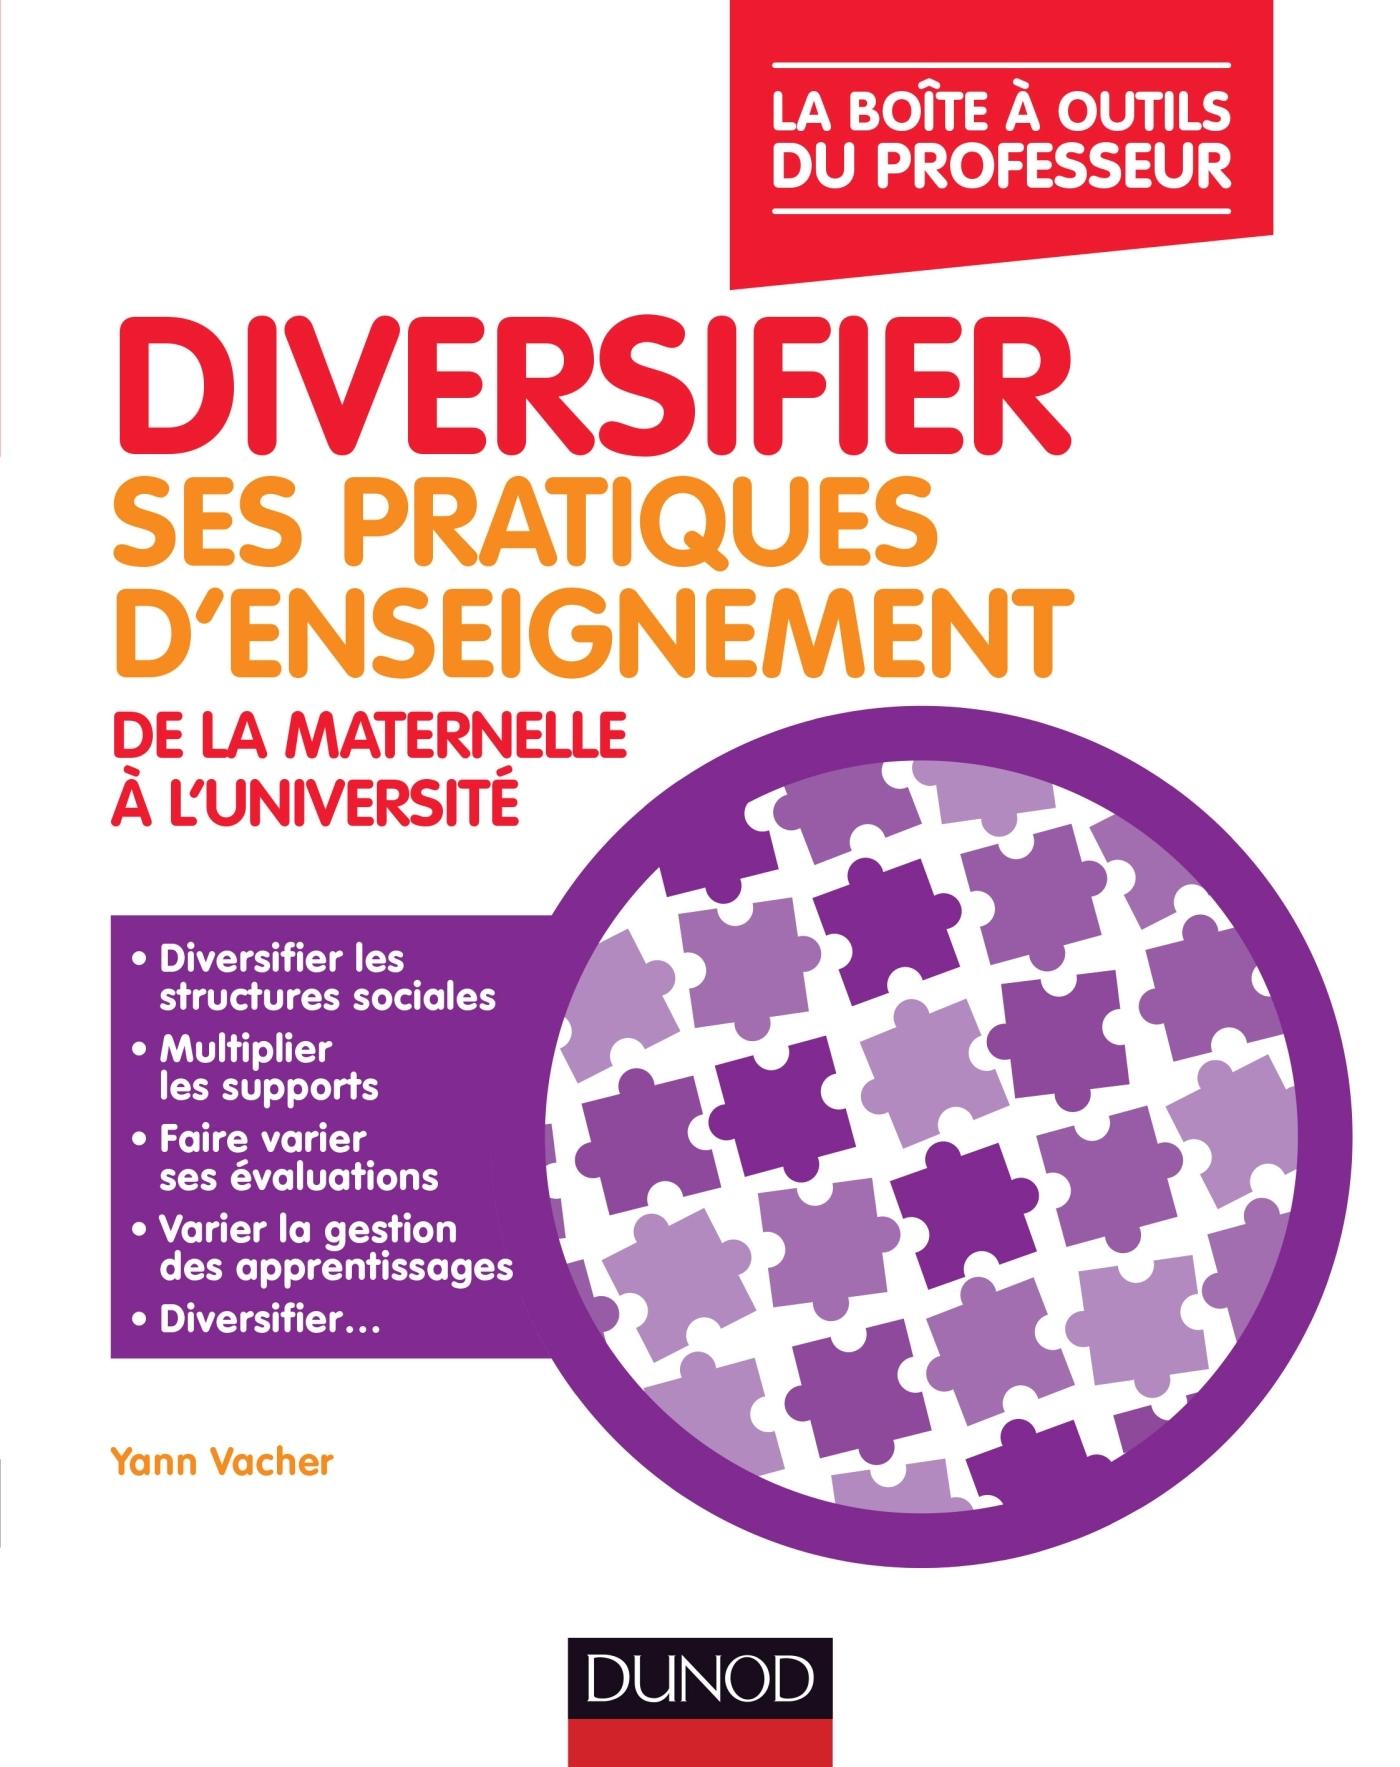 DIVERSIFIER SES PRATIQUES D'ENSEIGNEMENT - DE MATERNELLE A L'UNIVERSITE